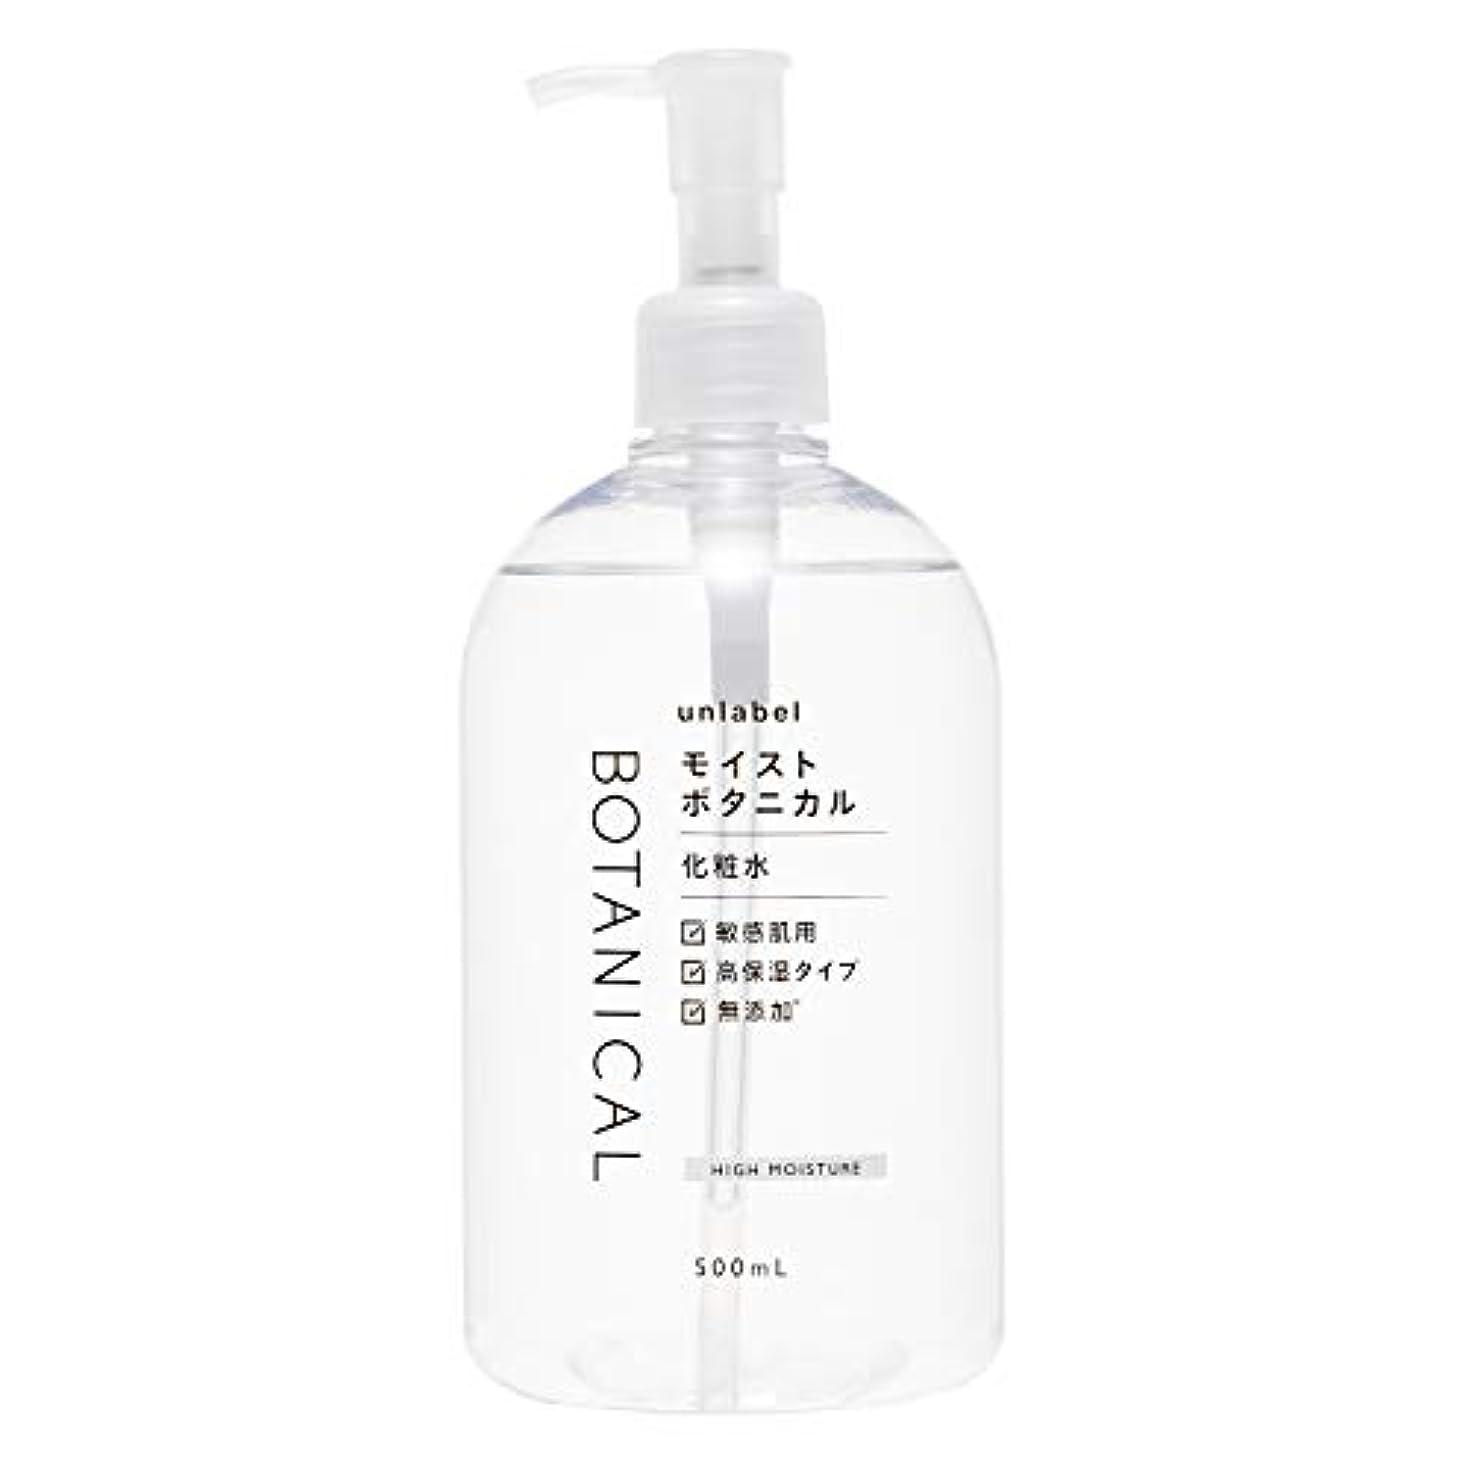 容量キモいミンチunlabel アンレーベル モイスト ボタニカル 化粧水 500mL